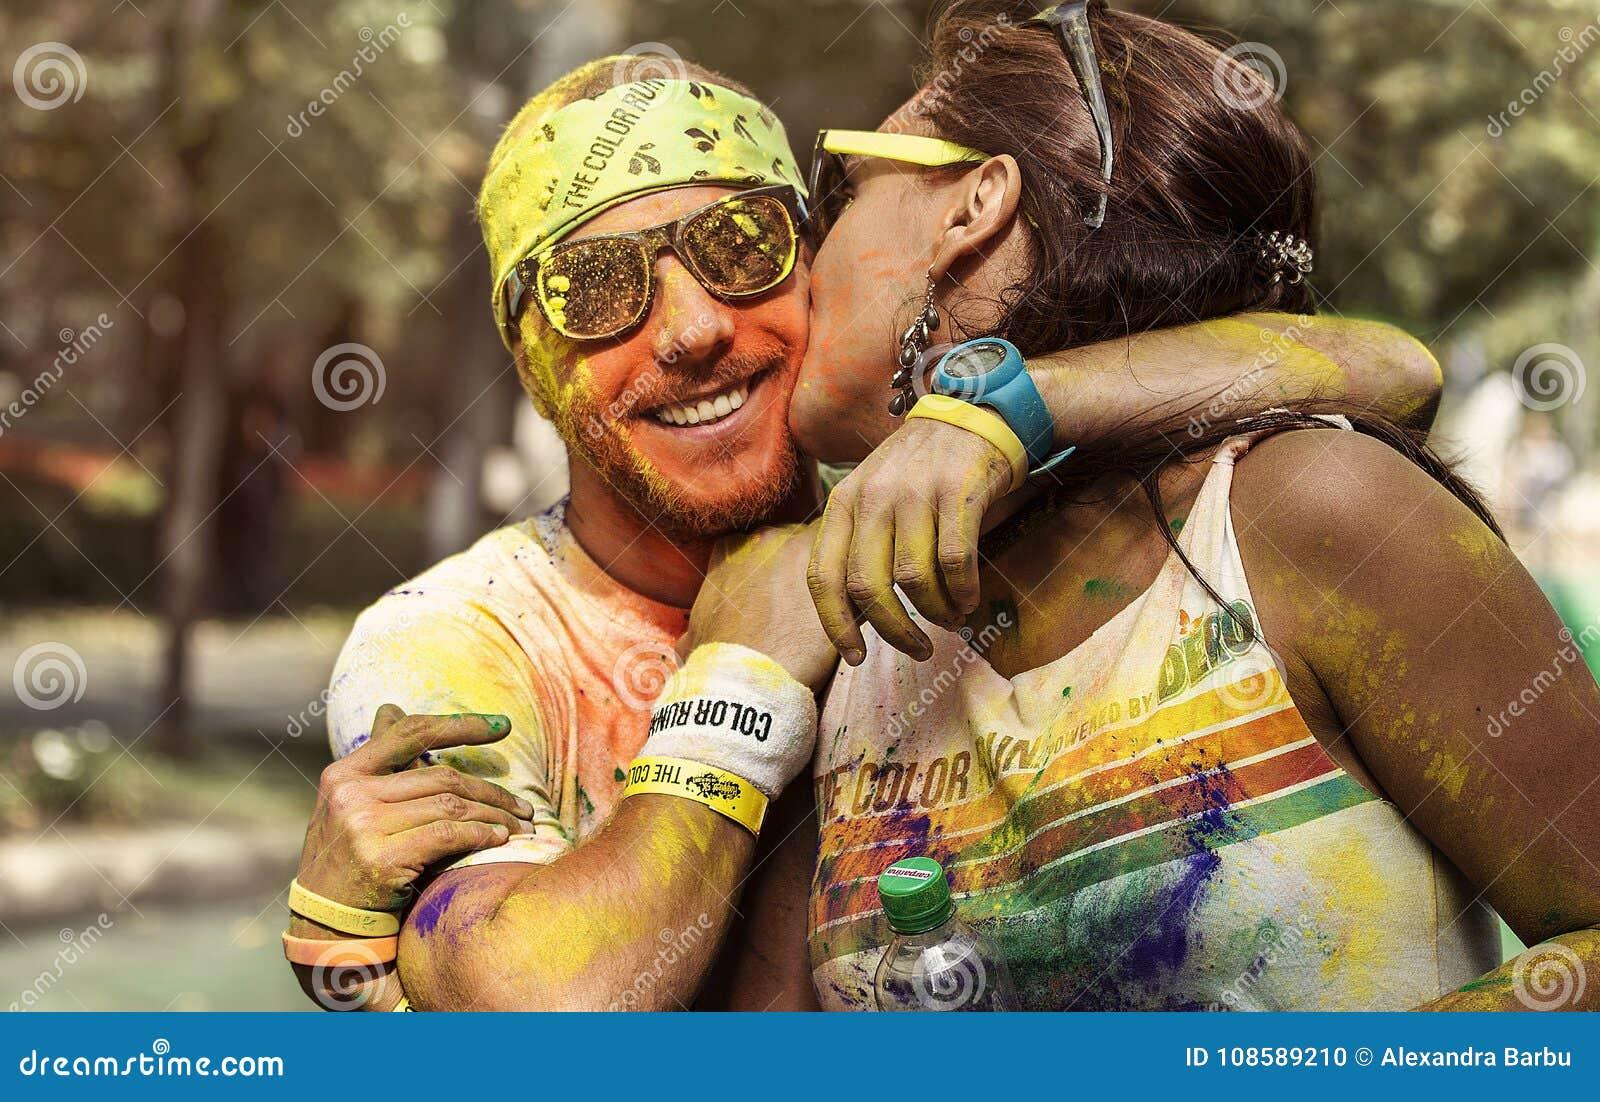 Homem e mulher na corrida Bucareste da cor